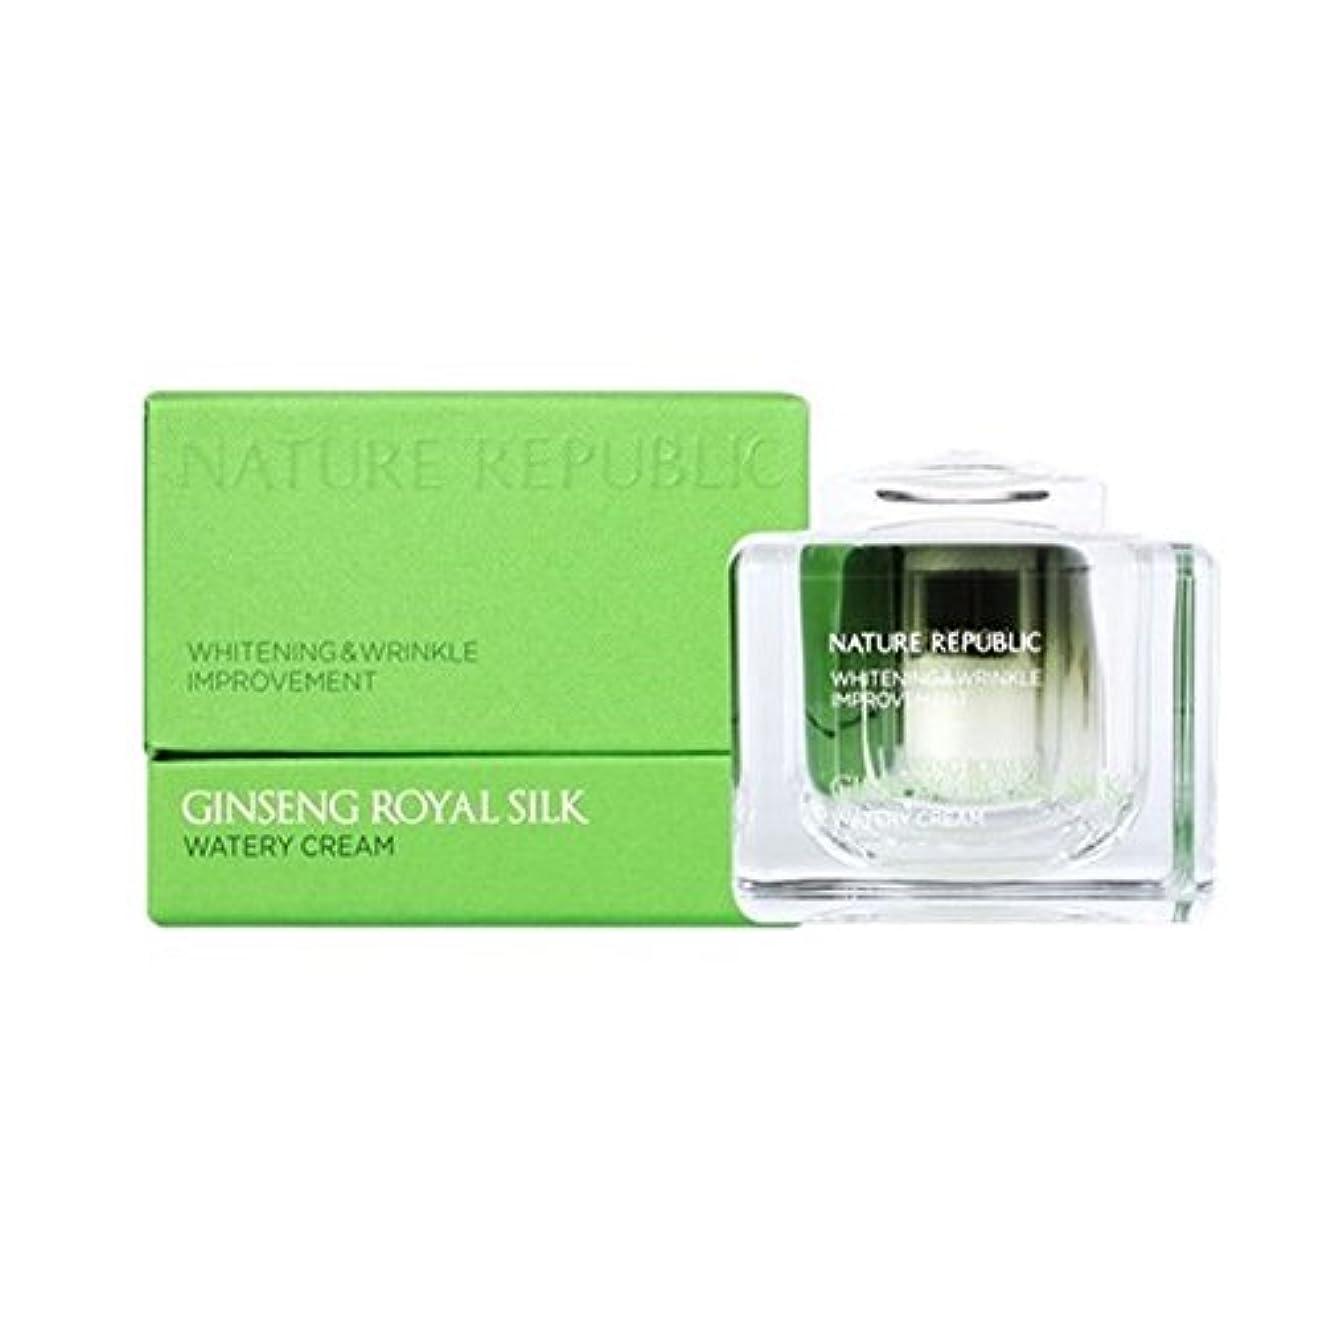 レンダリング昼間代表団ネイチャーリパブリック(NATURE REPUBLIC) ジンセンロイヤルシルクウォトリクリーム 60ml NATURE REPUBLIC Ginseng Royal Silk Watery Cream 60ml [並行輸入品]